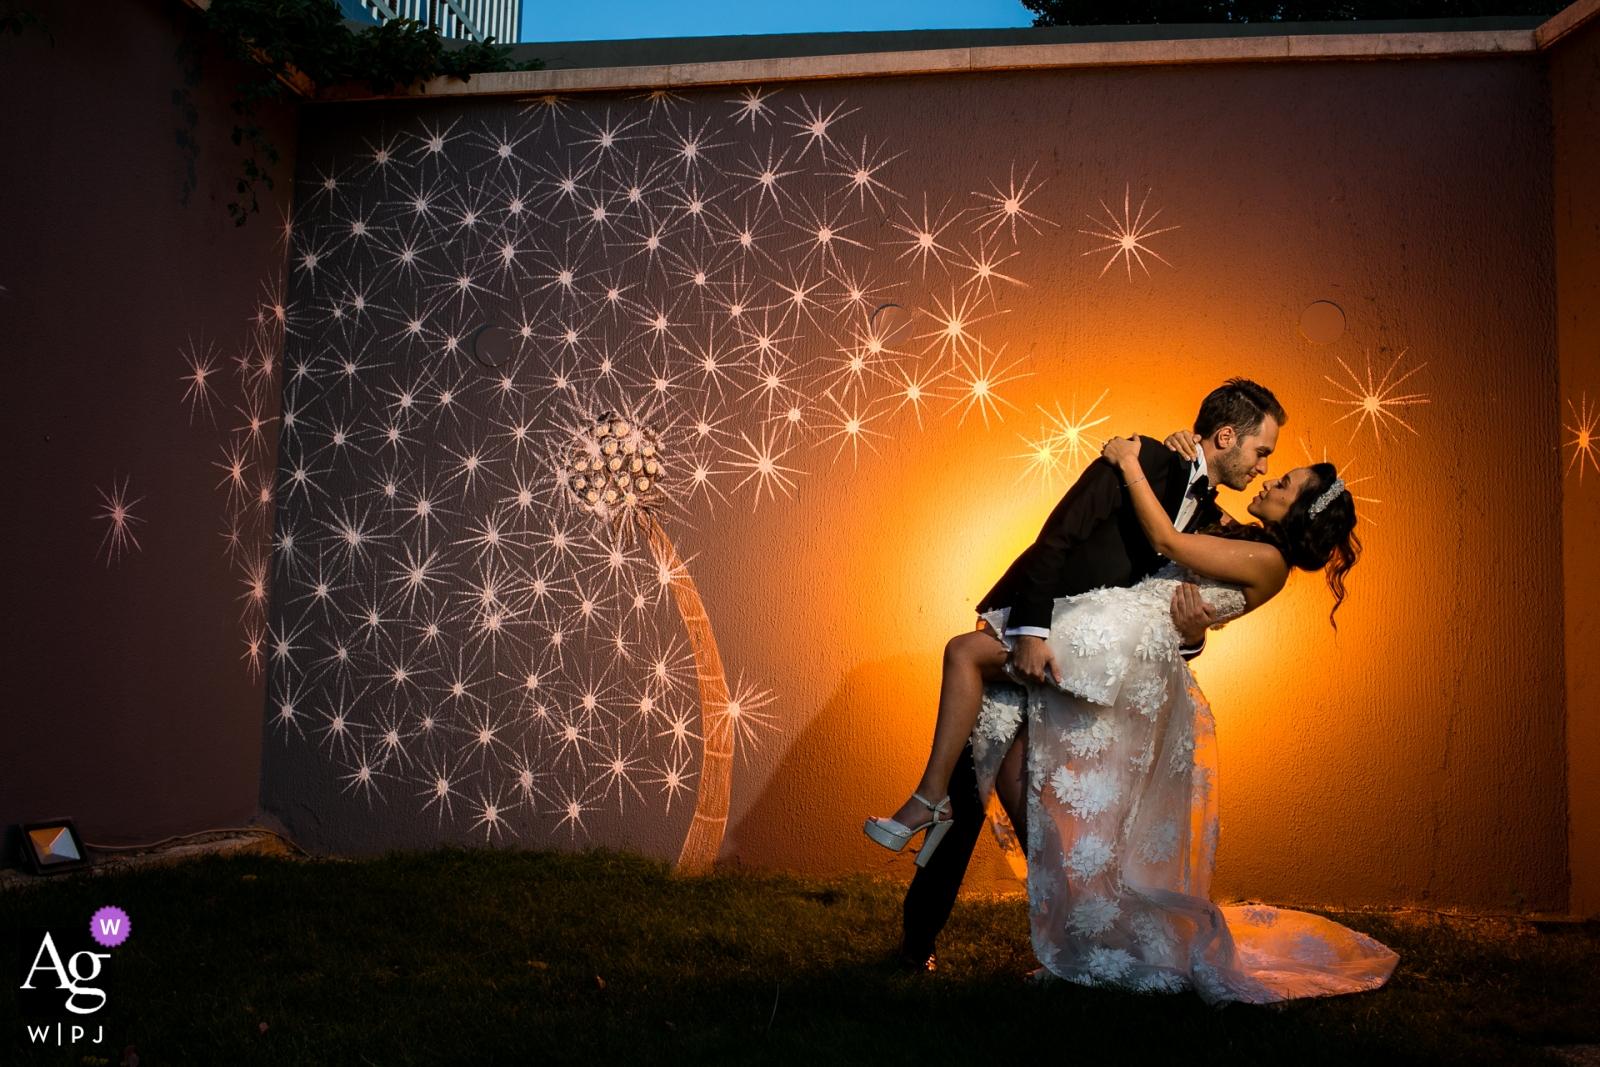 Fotografia ślubna Wyndham Ankara - Pan młody trzyma pannę młodą ze swojego biodra tuż przy ścianie z fototapetą z kwiatami i wyróżnia się pomarańczowym kolorem